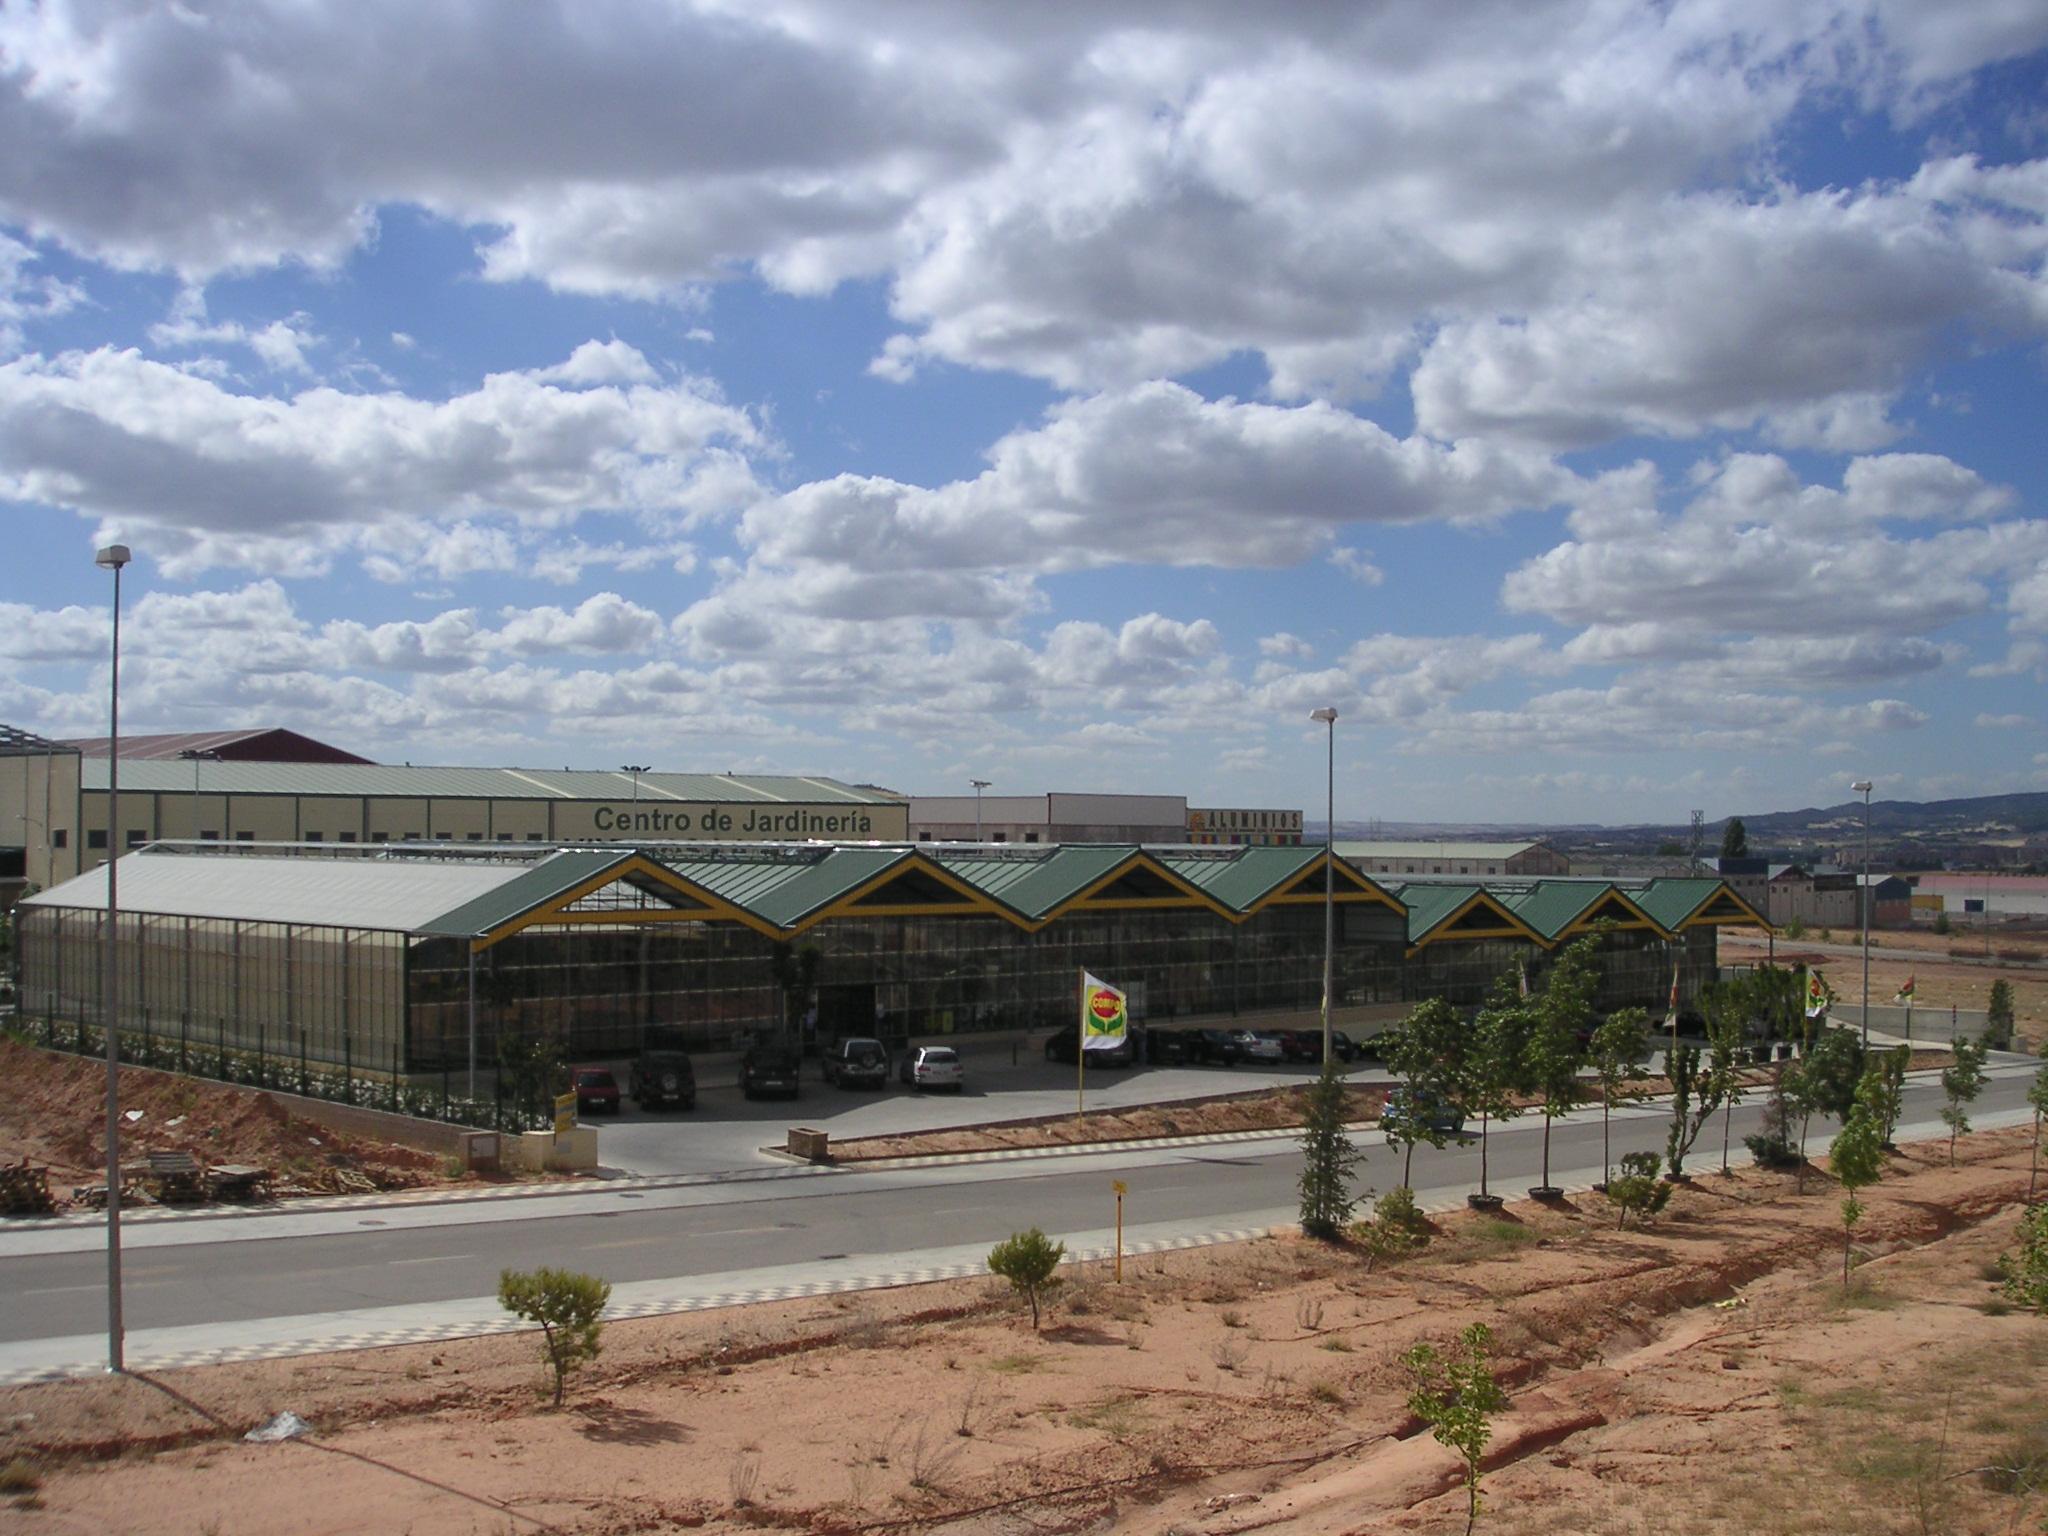 Centros de jardiner a garden ingetecnia for Centro de jardineria